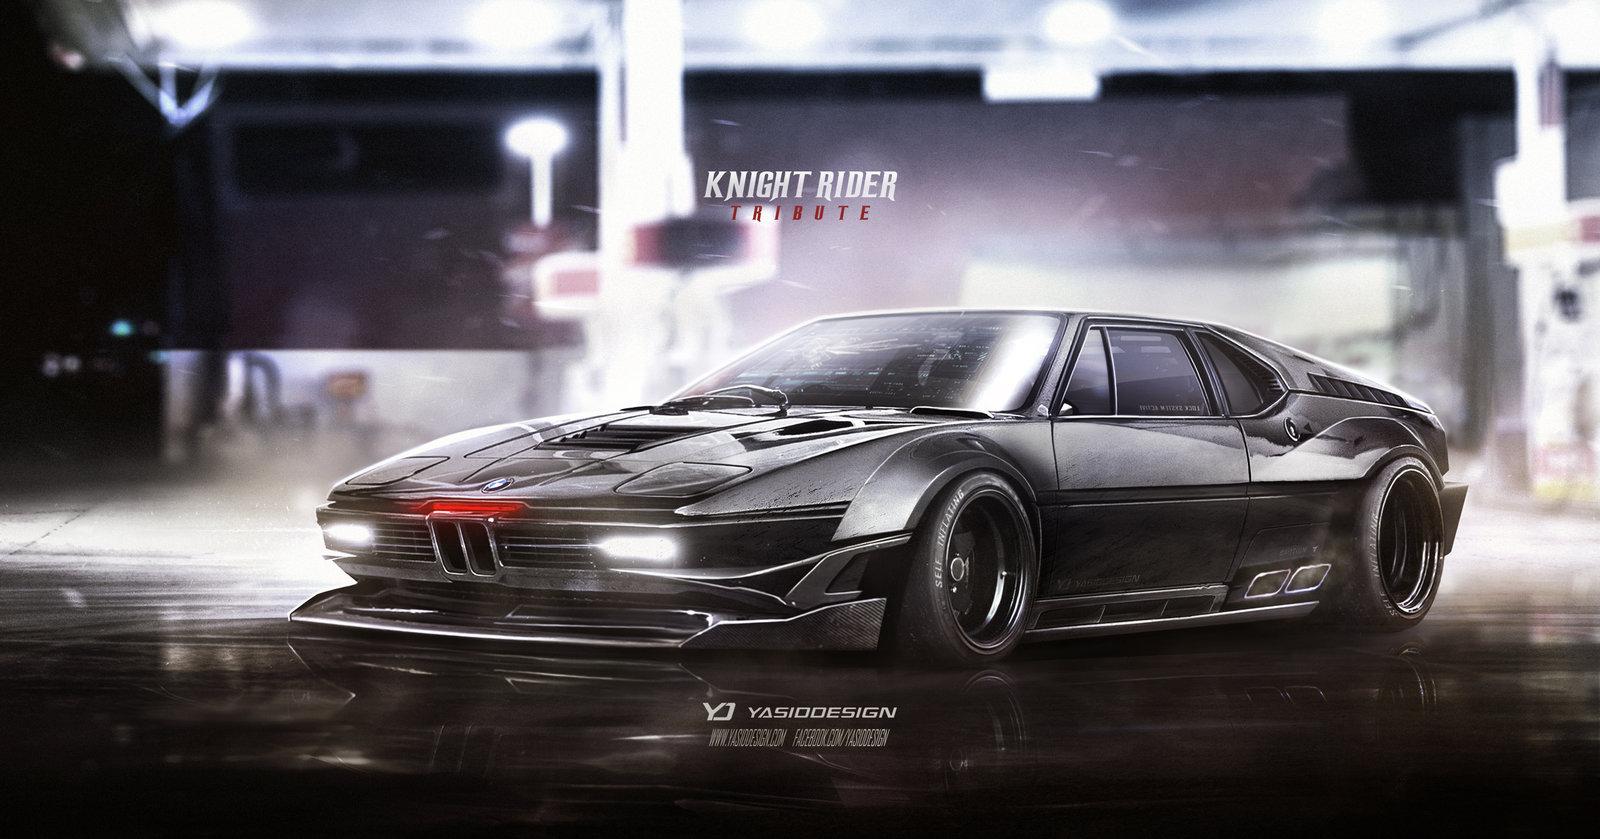 Knight Rider Tribute BMW M1 Procar KITT